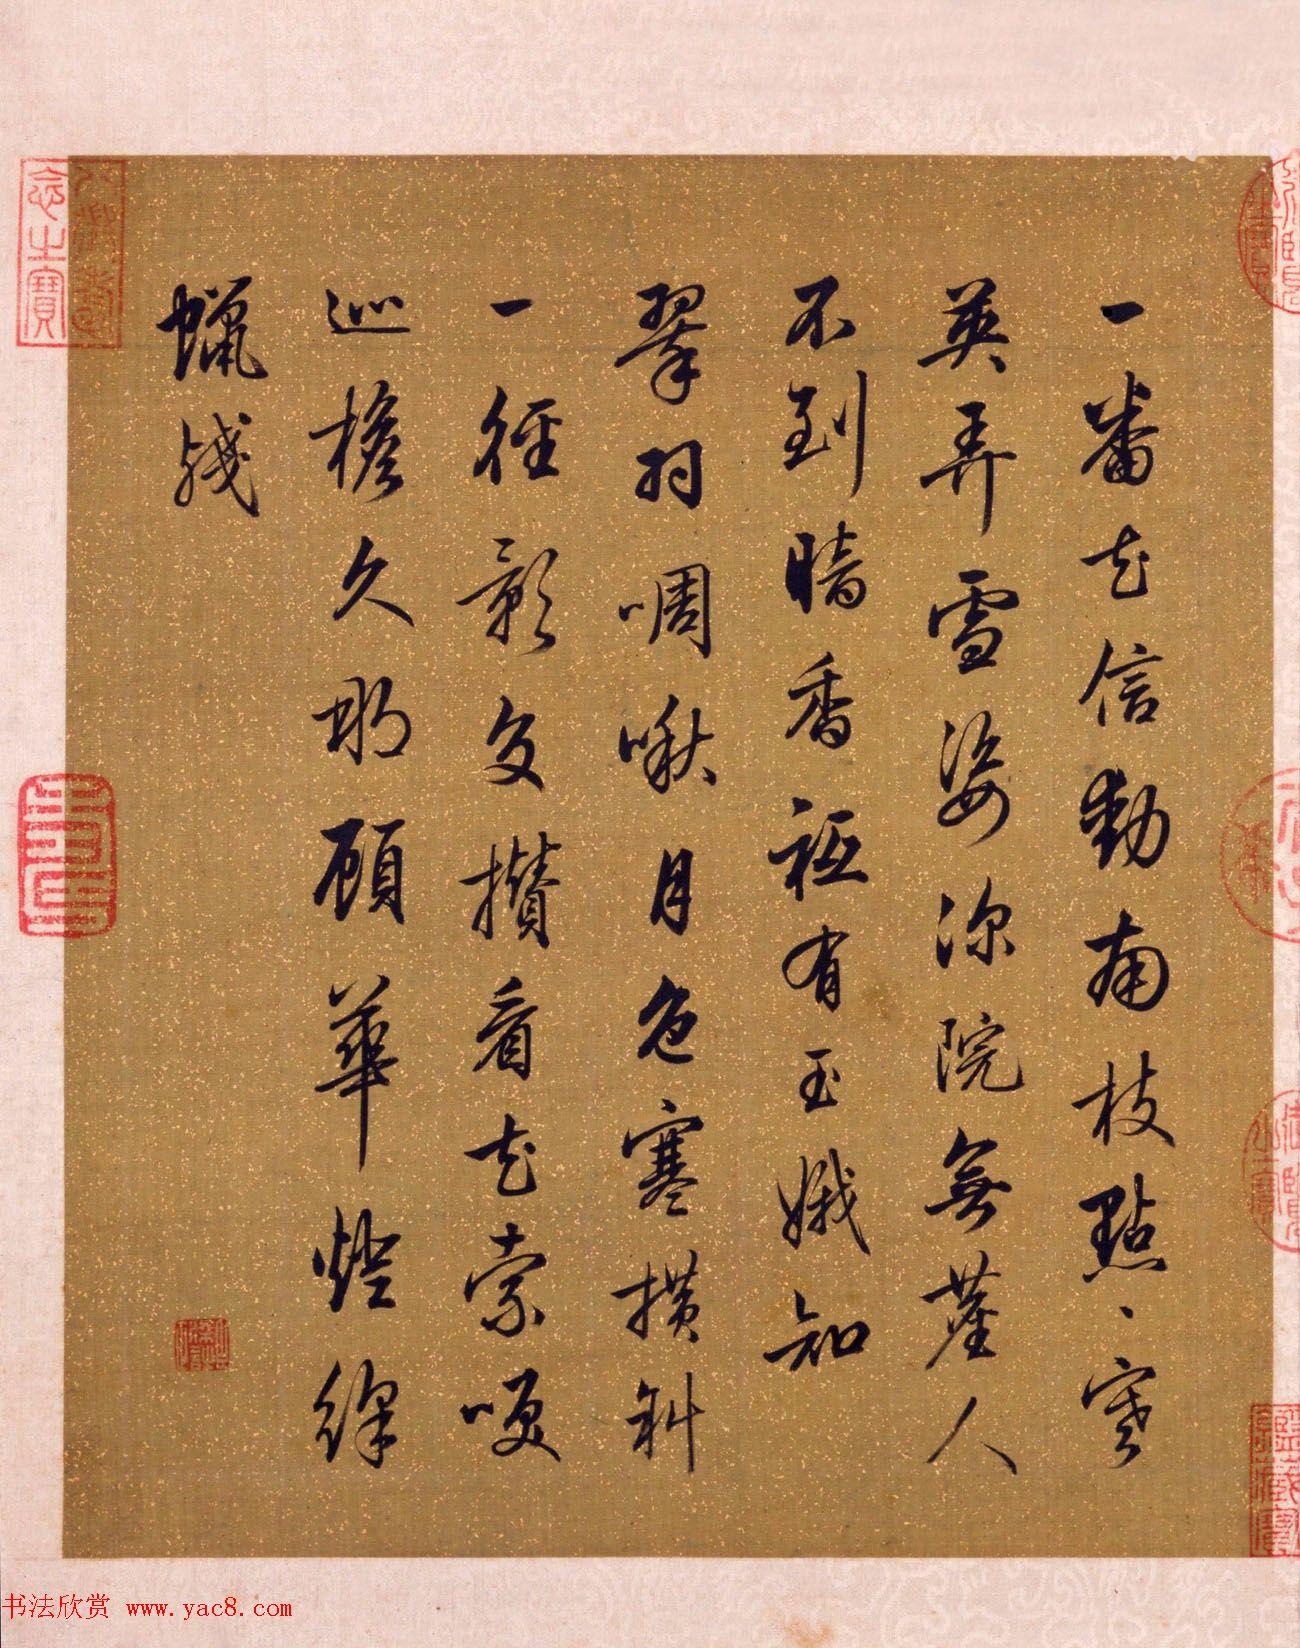 书画册页欣赏《月曼清游图册》梁诗正字+陈枚画